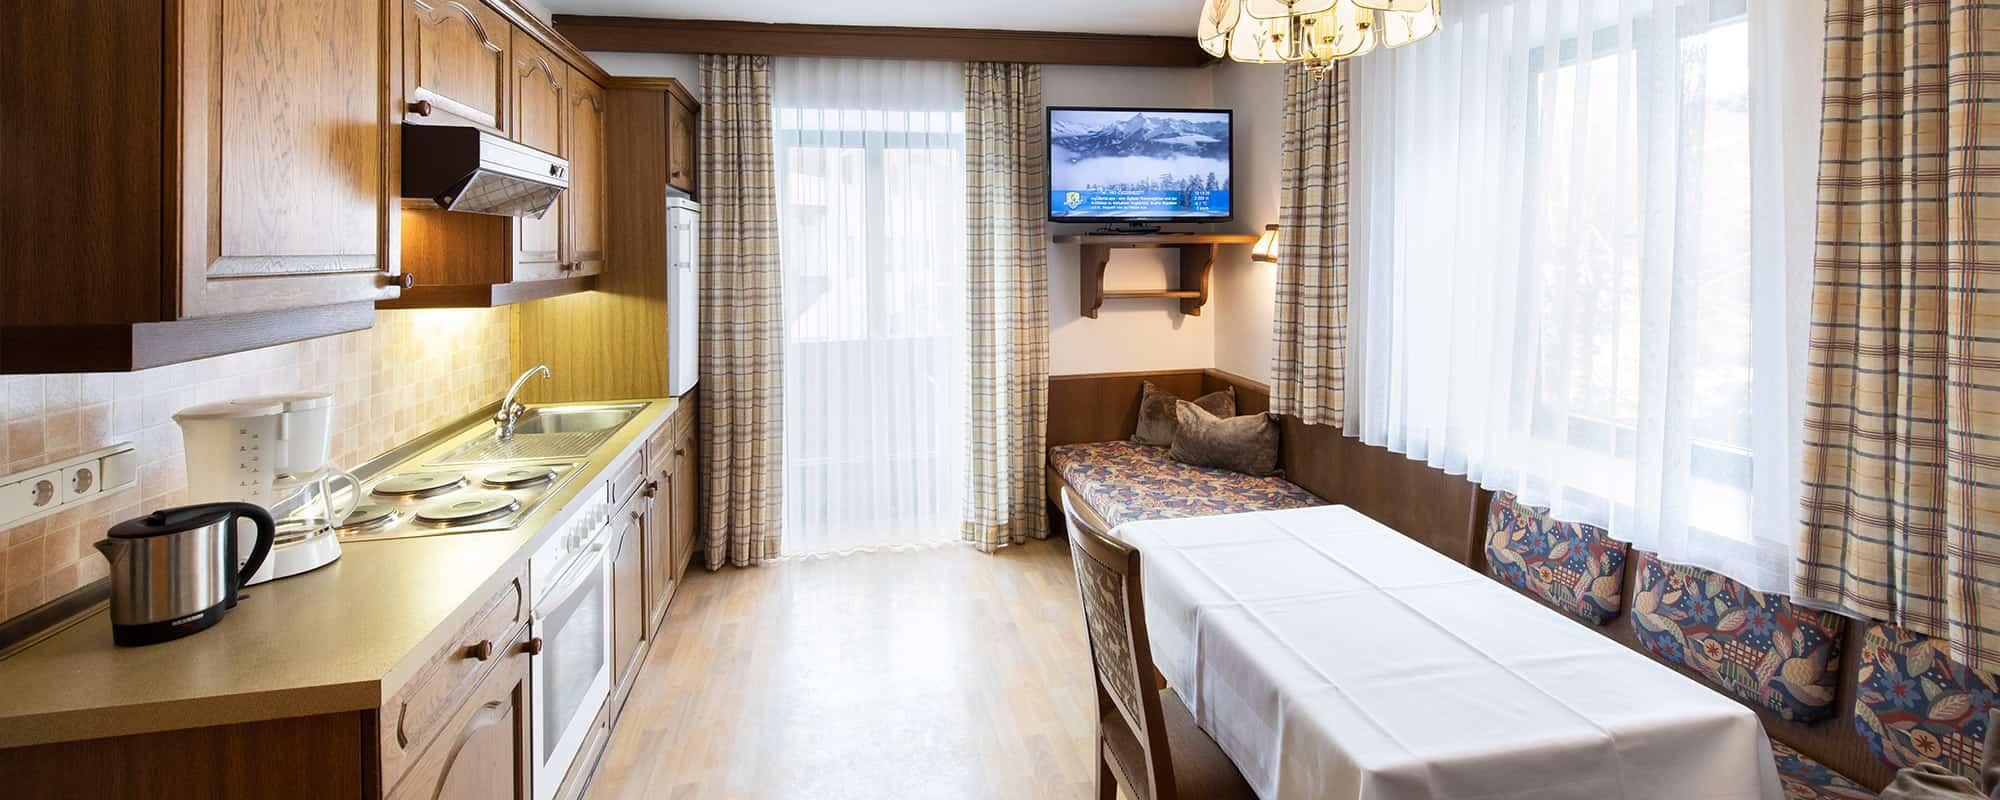 MANNI low budget Kochen und Entspannen in ihrem eigenem Apartment